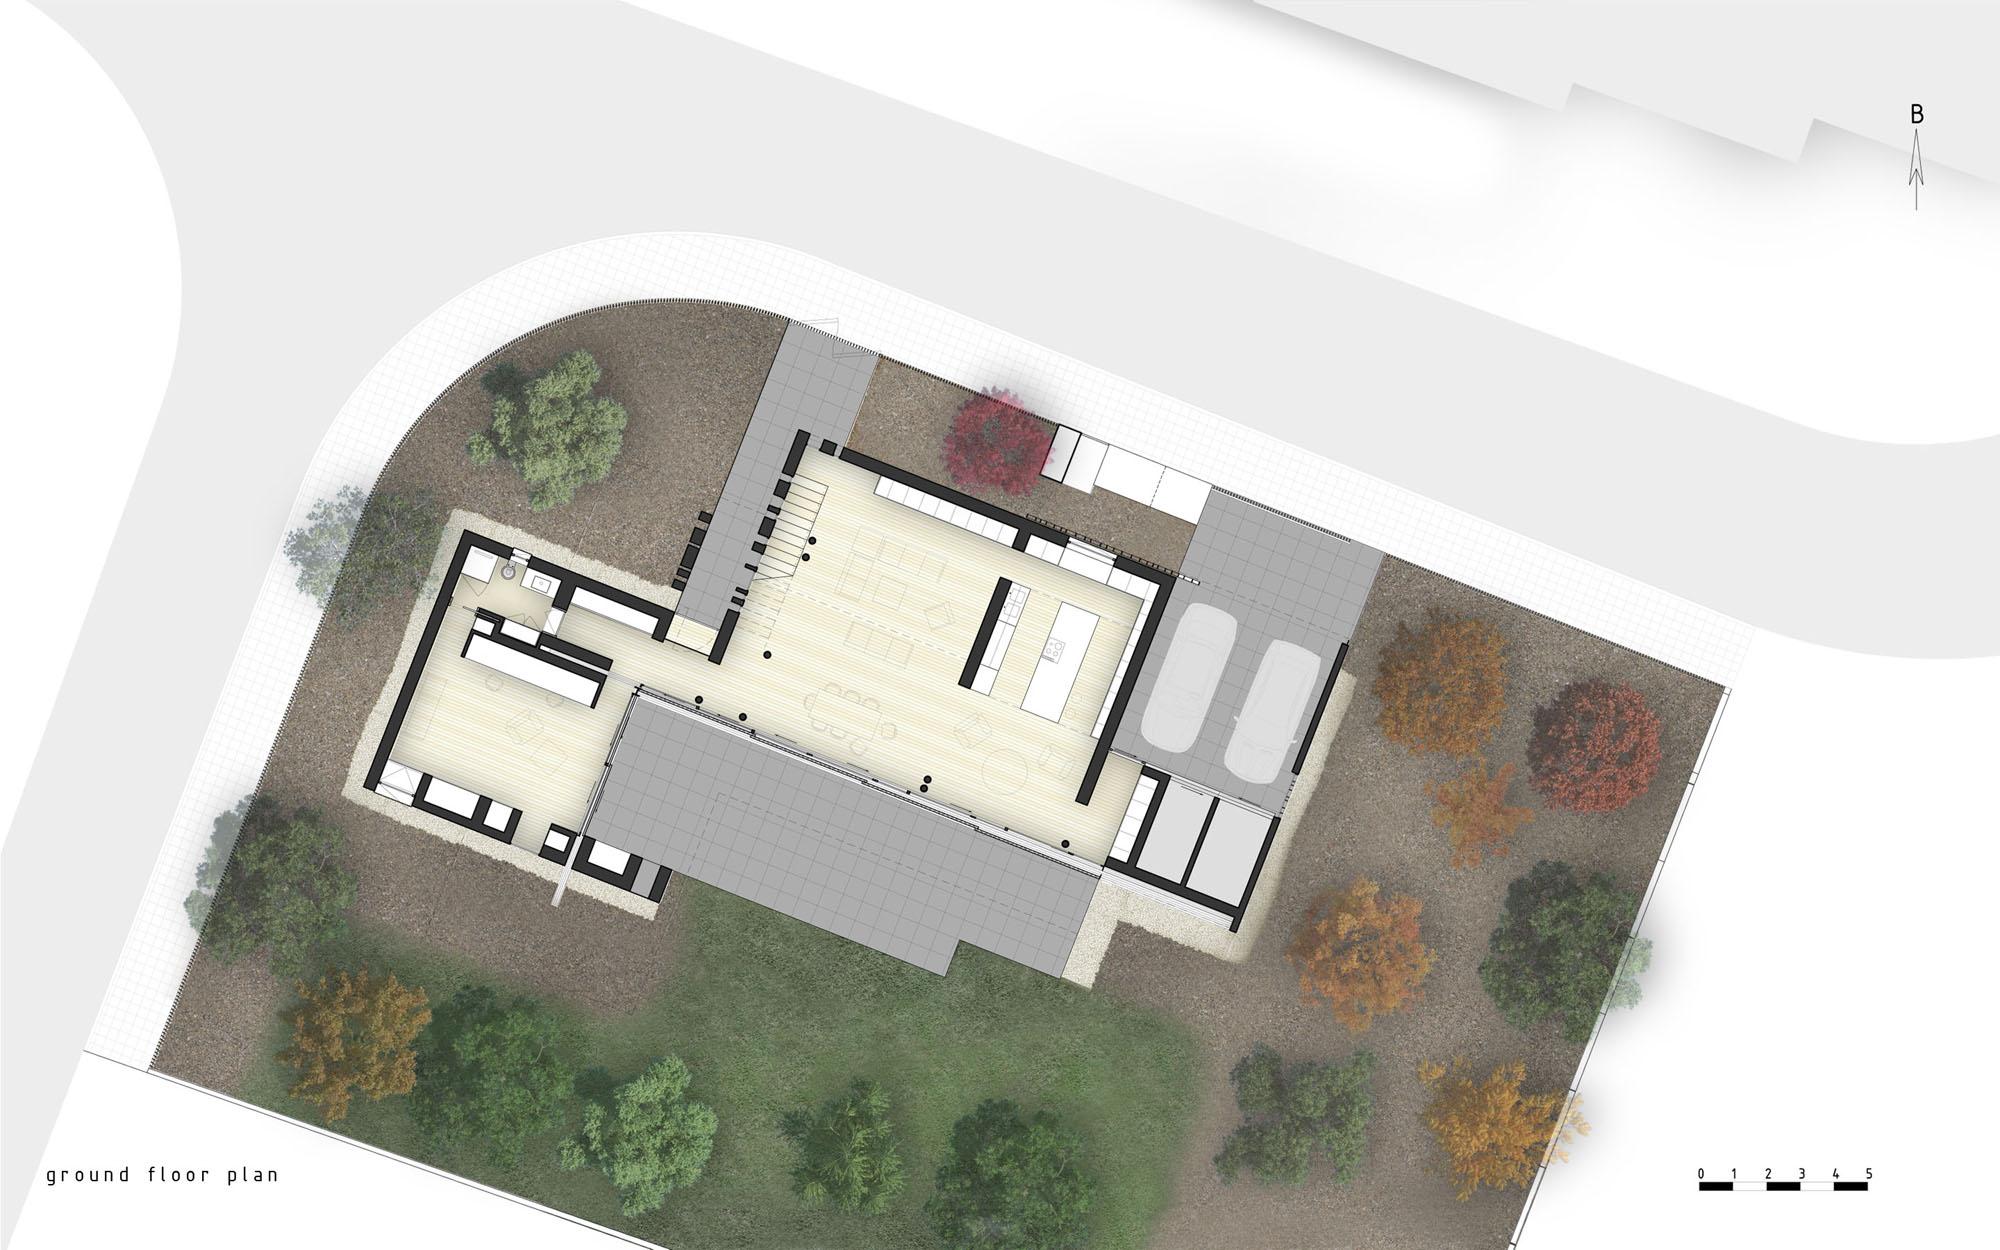 [PUERTAS / VENTANAS] Ventanas y puertas abatibles y plegables y puertas correderas en revit 509891d828ba0d04030000e9_casa-0405-simpraxis-architects_100_ground_floor_plan